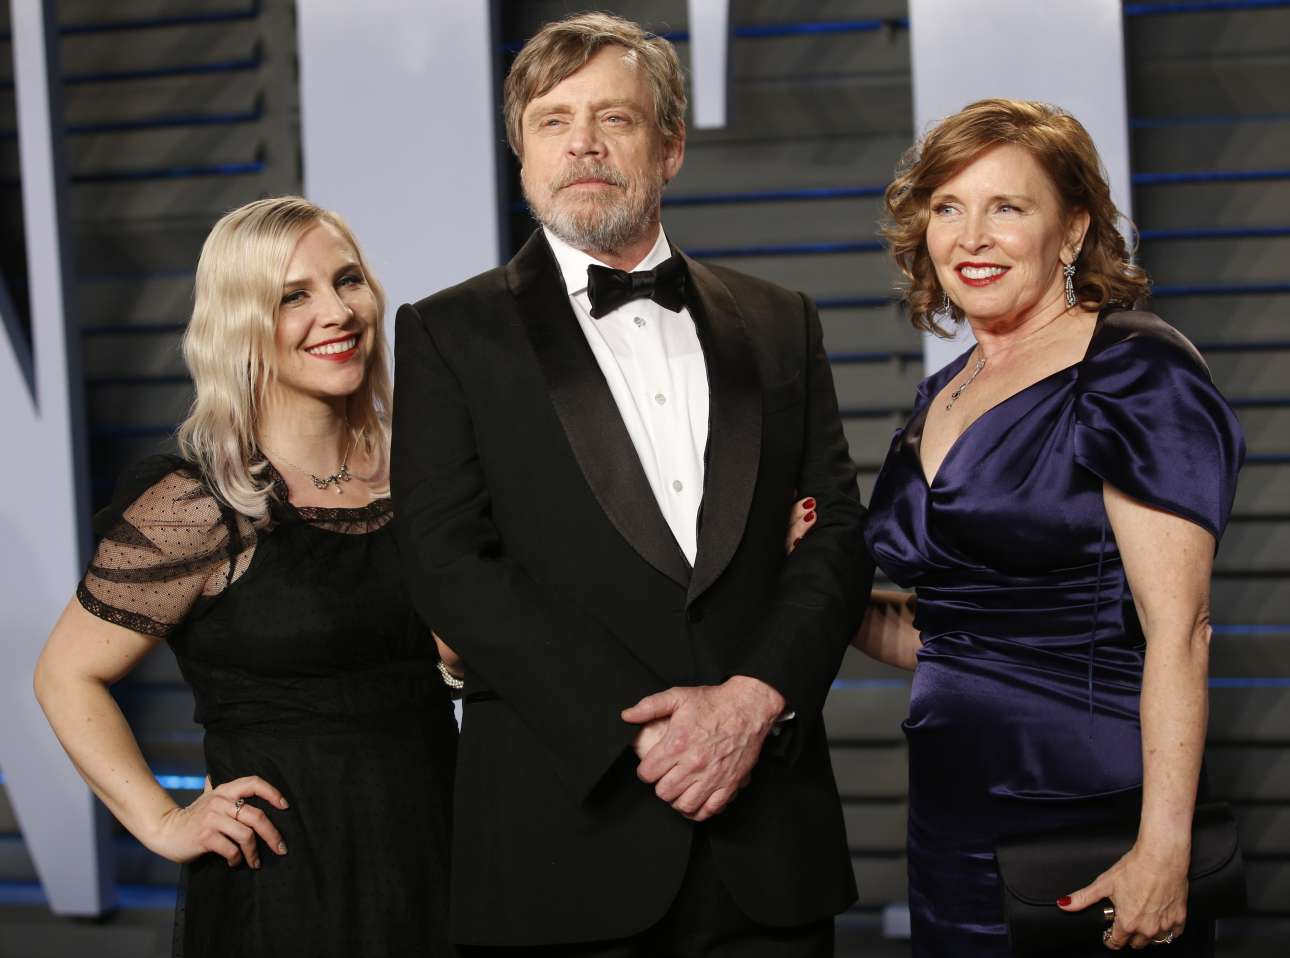 O Μαρκ Χάμιλ, ο Λουκ Σκαϊγουόκερ του «Star Wars», καταφθάνει στο πάρτι με τη σύζυγό του Μαριλού Γιορκ και την κόρη τους, Τσέλσι